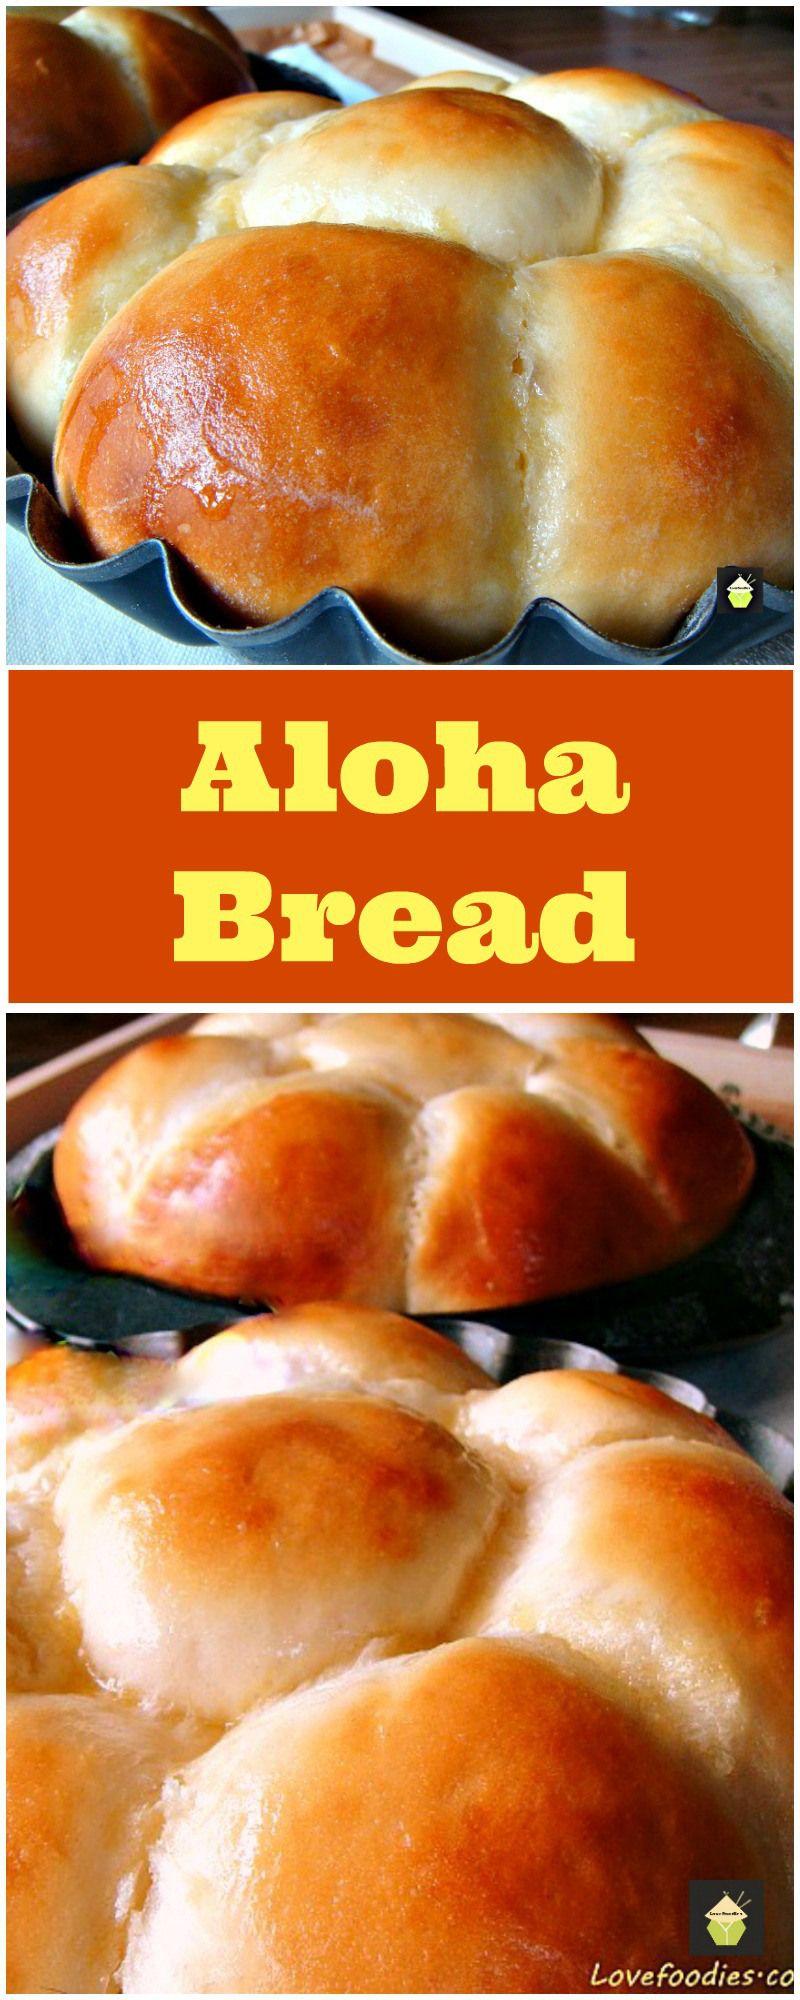 ALOHA BREAD!